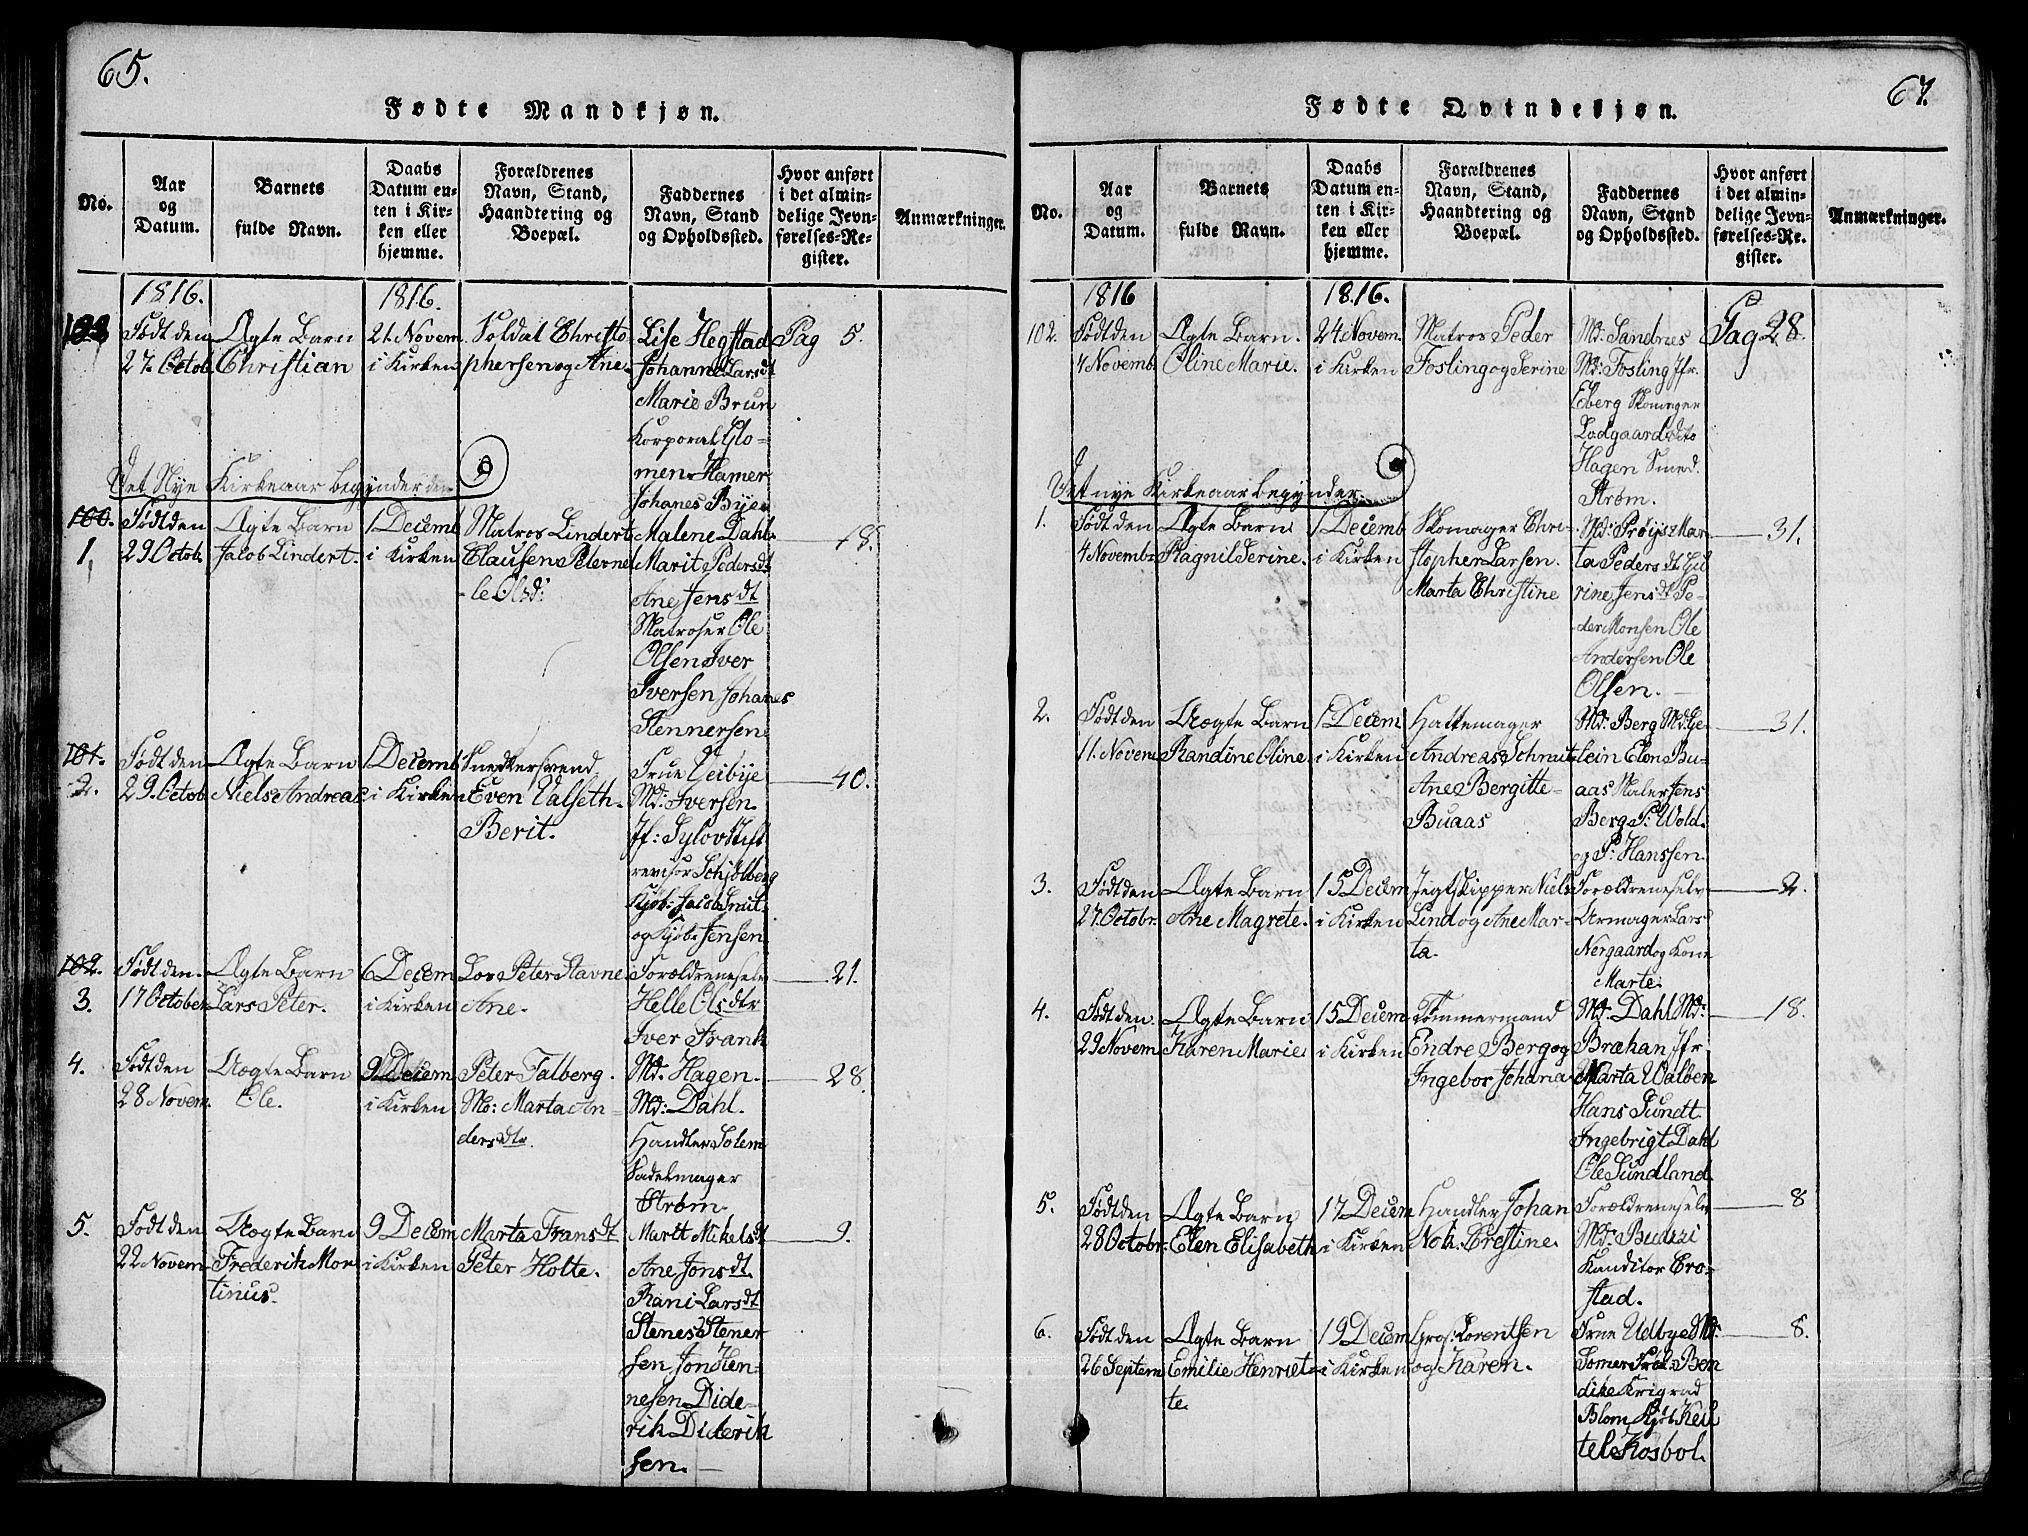 SAT, Ministerialprotokoller, klokkerbøker og fødselsregistre - Sør-Trøndelag, 601/L0043: Ministerialbok nr. 601A11, 1815-1821, s. 65-67